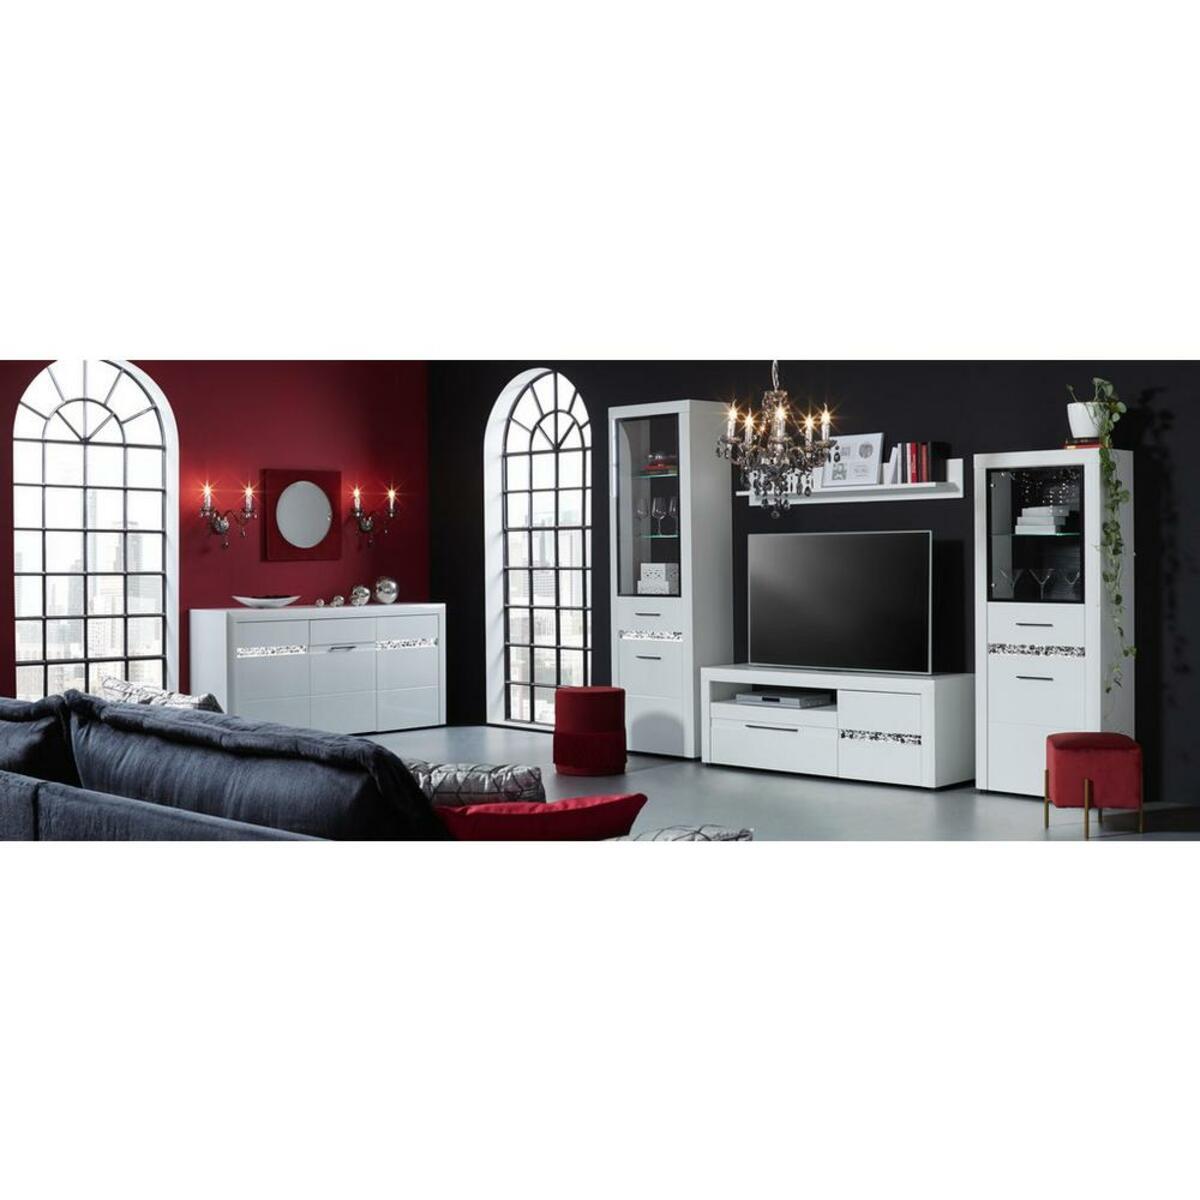 Bild 5 von TV-Element in Weiß Hochglanz